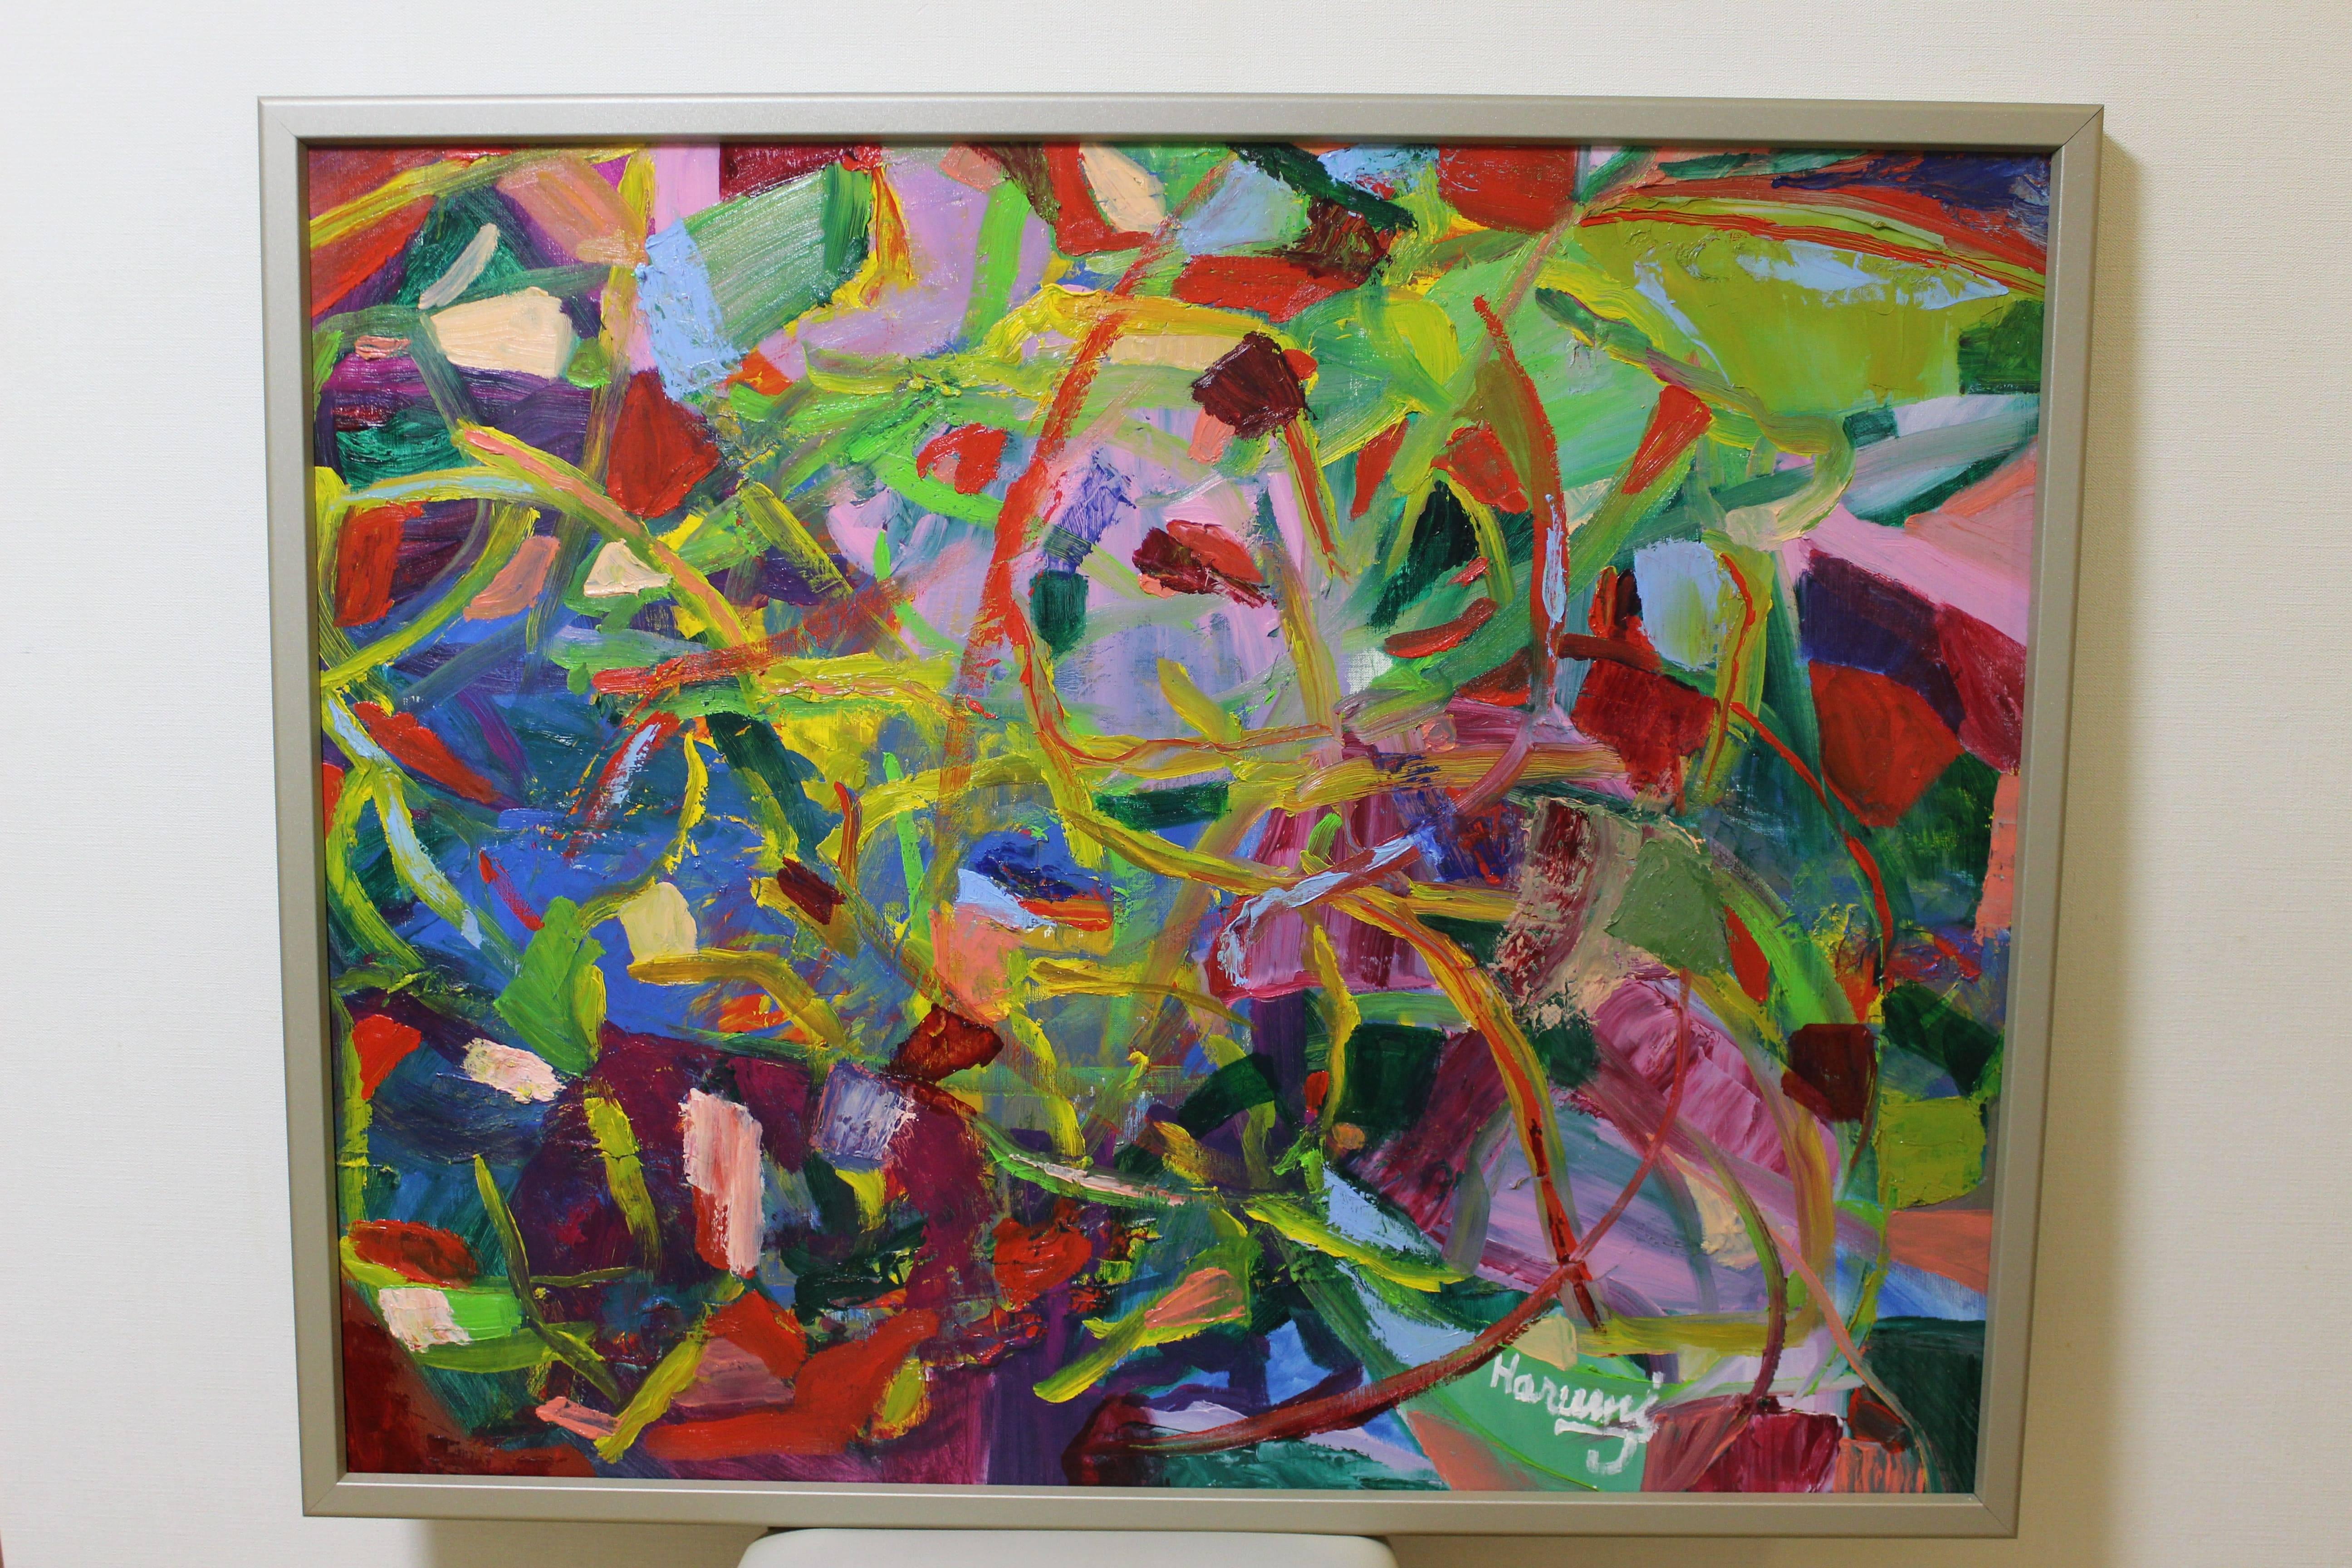 German Abstraction. Bild Ihres Kunstwerks an der Wand